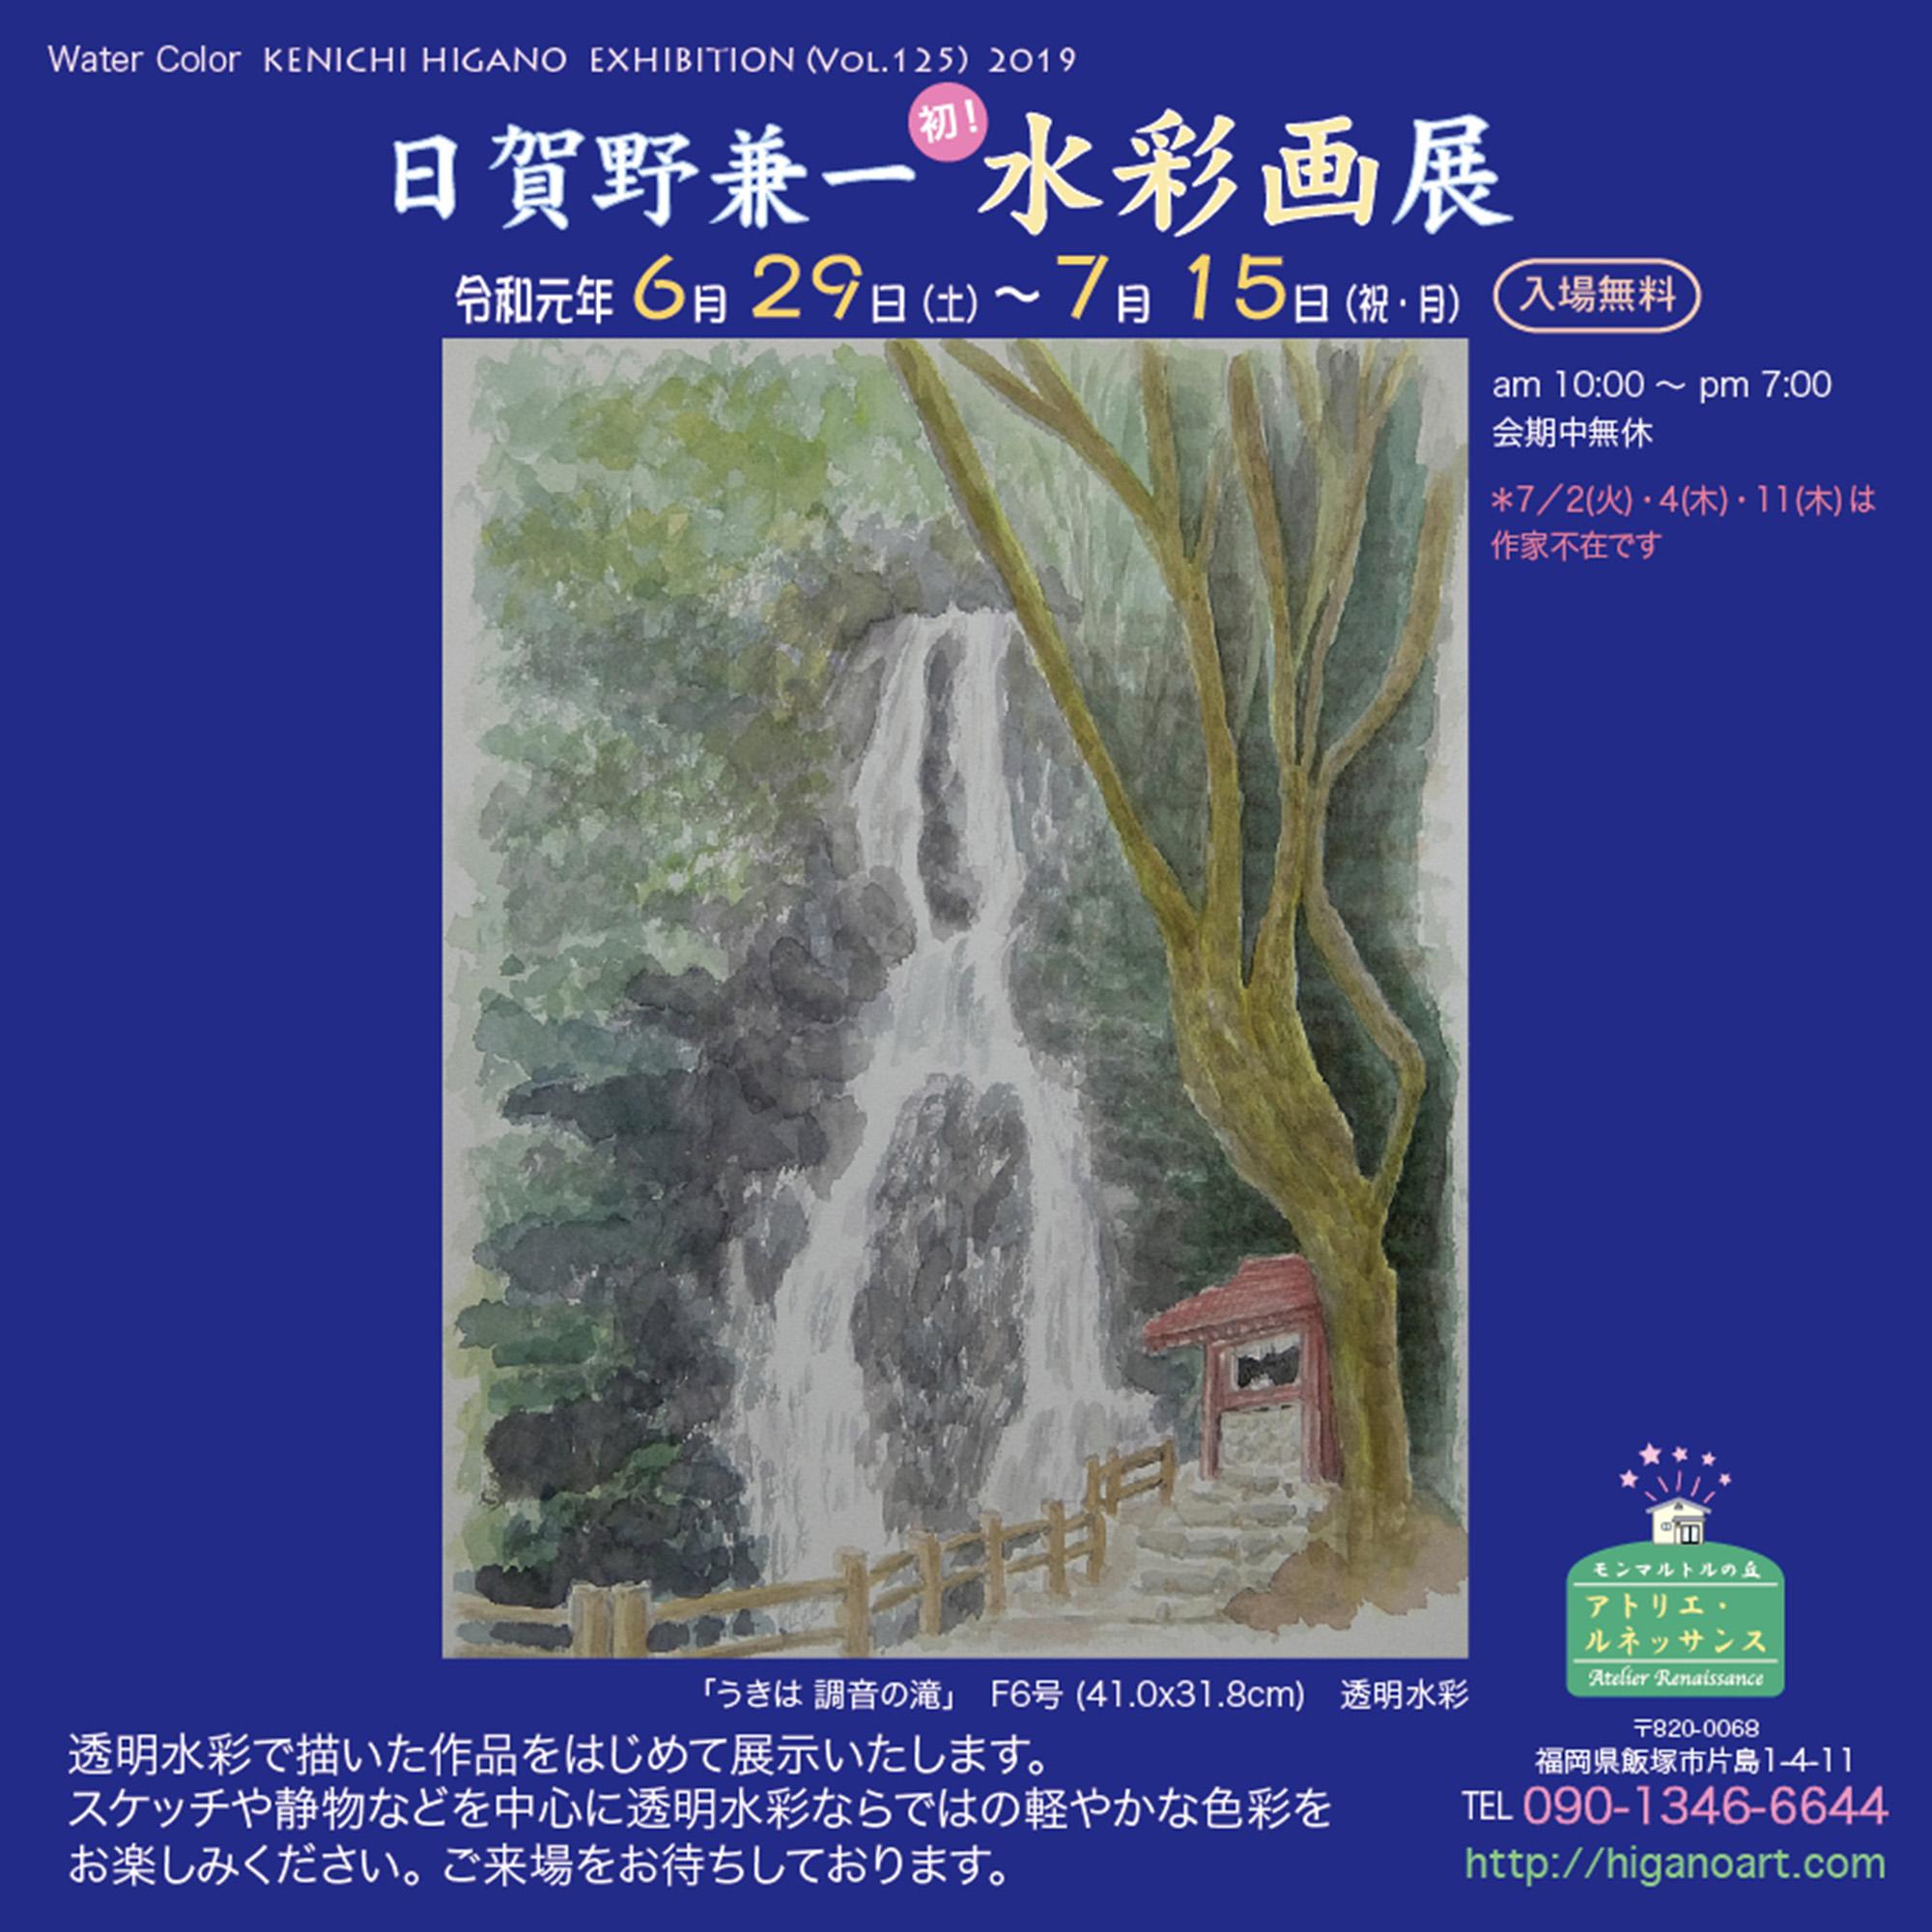 日賀野兼一 水彩画展